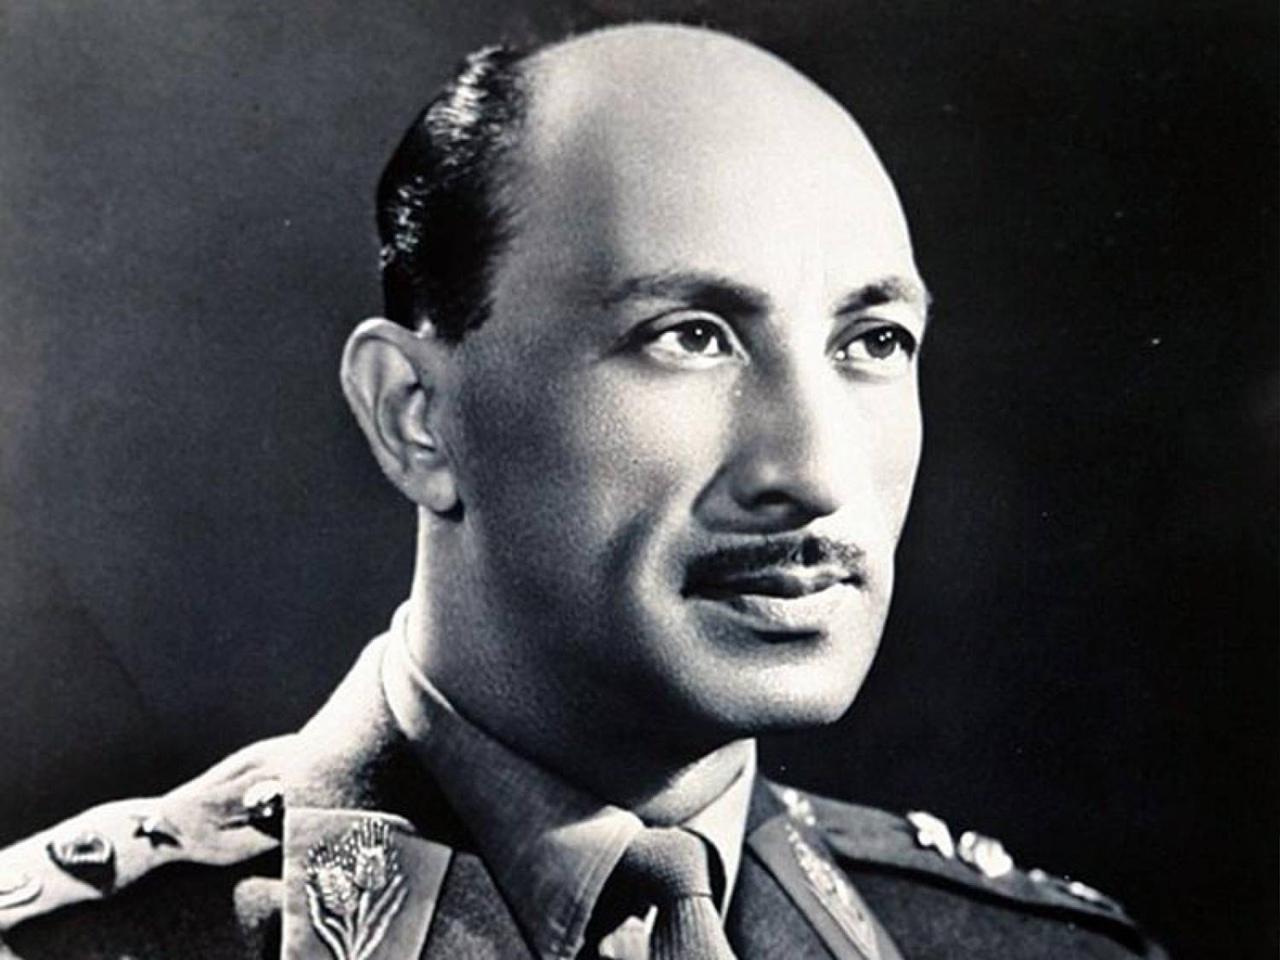 Король Афганистана устроил в своей стране «золотой век»